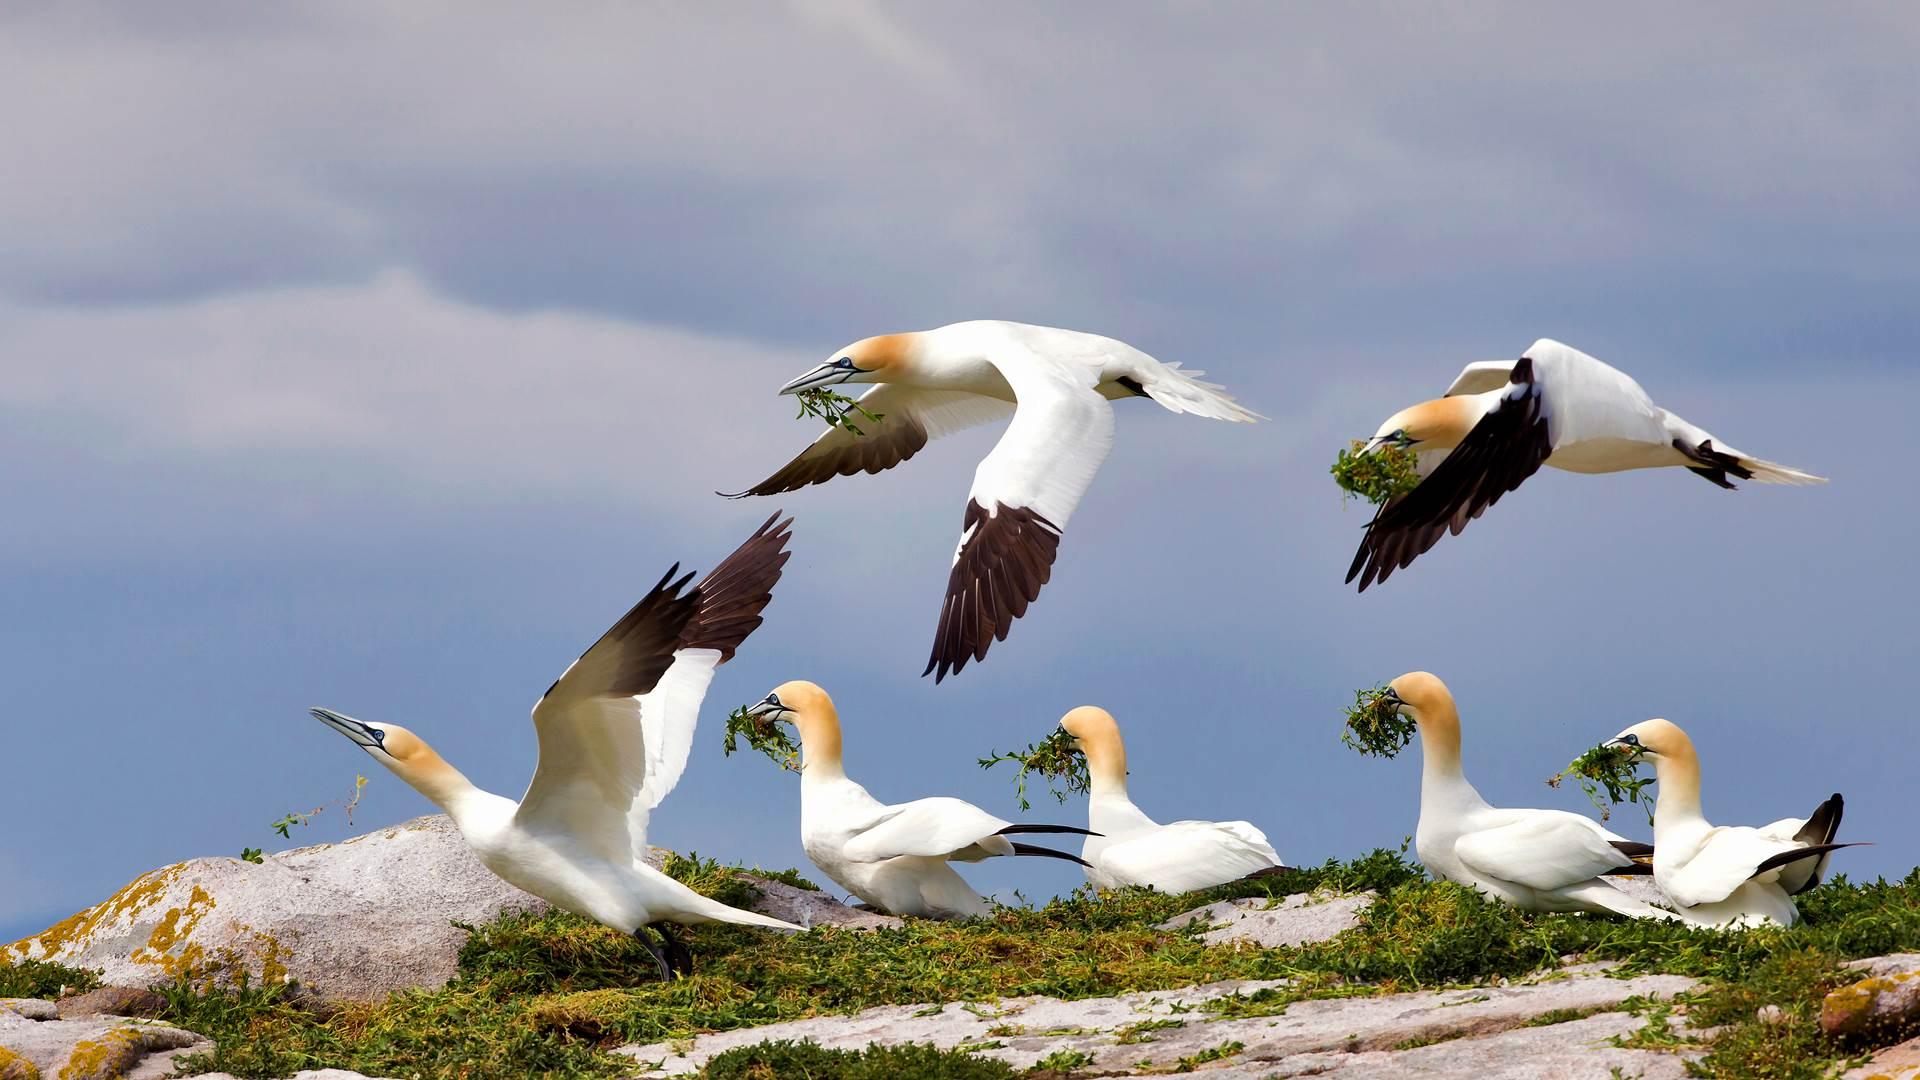 大萨尔提岛上的北方塘鹅,爱尔兰